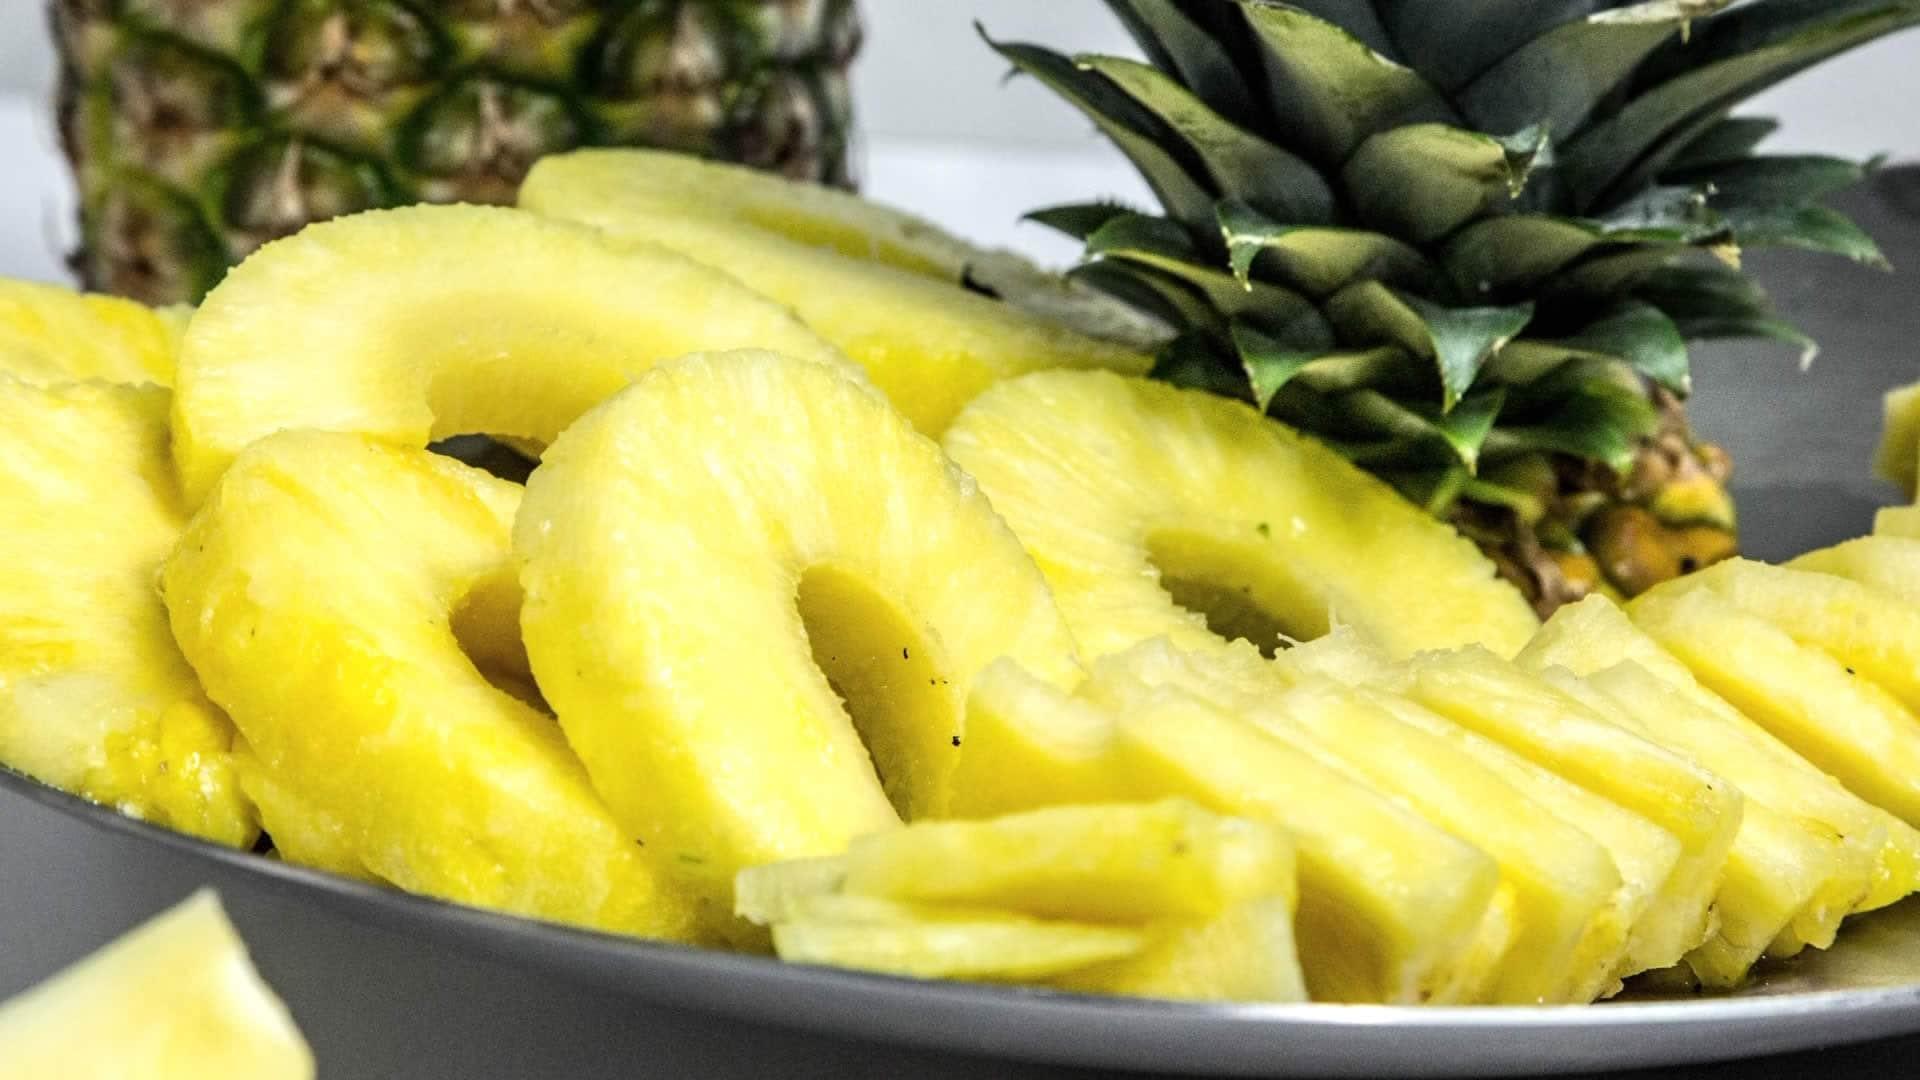 Photo Comment couper l'ananas